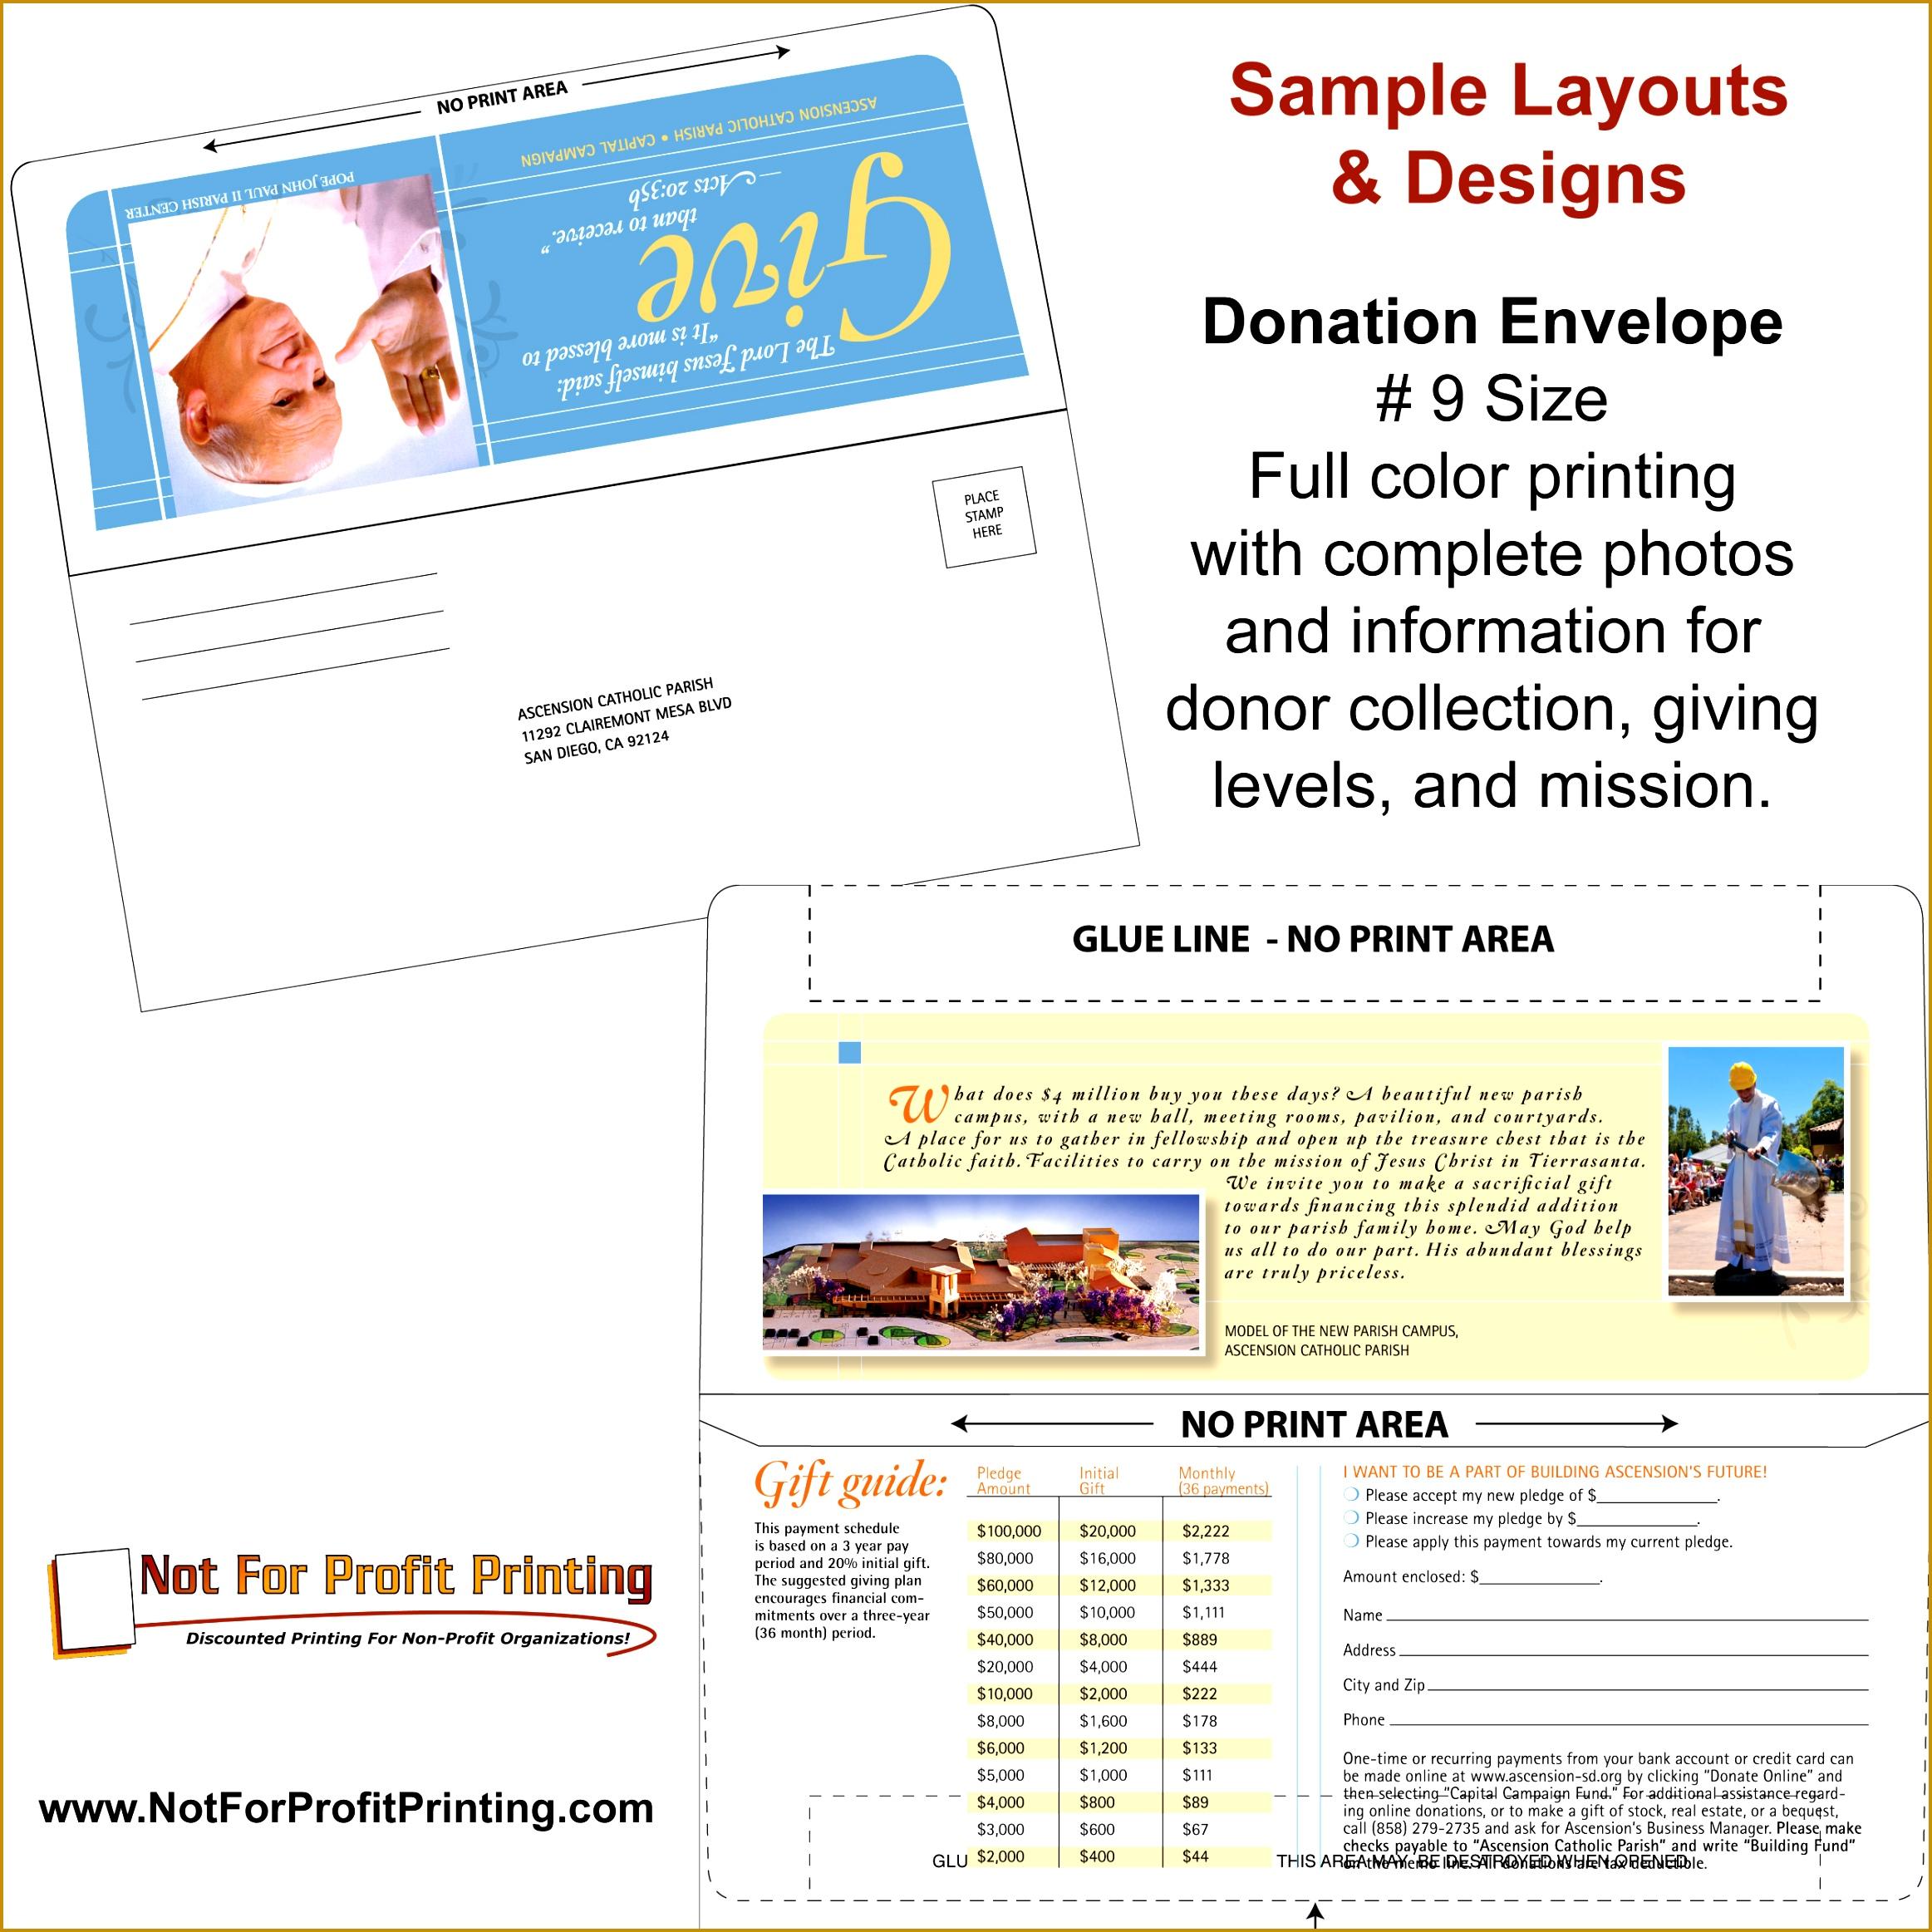 Remittance Envelope sample design 9 Remittance Envelope Sample Design from Not For Profit Printing 23252325